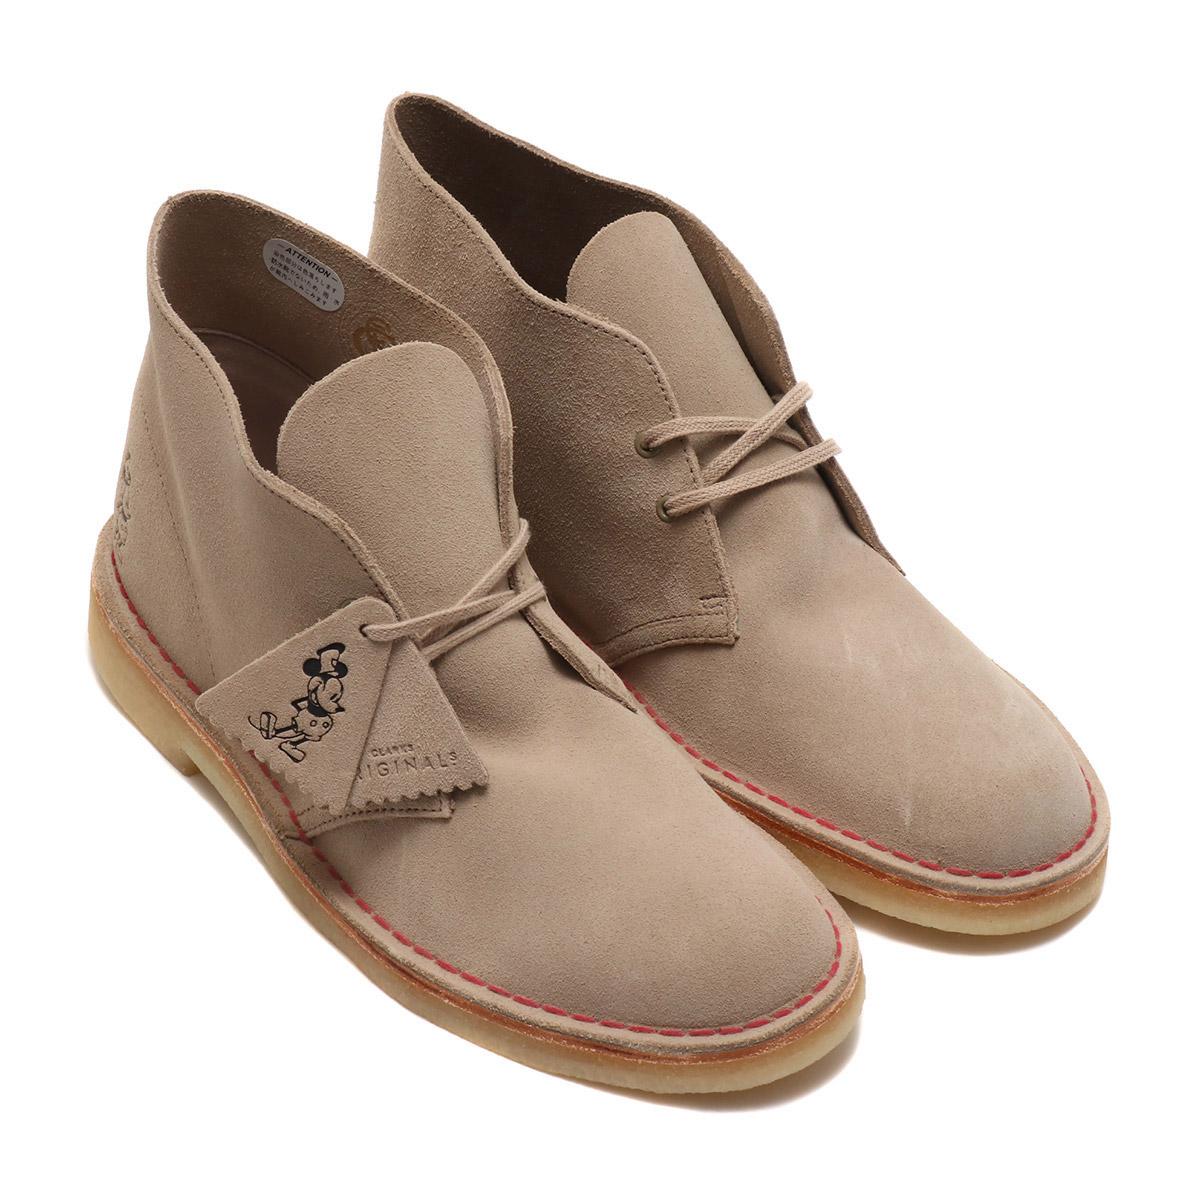 Clarks Desert Boot(クラークス デザートブーツ)Sand Suede Embos【メンズ レディース ブーツ】18FW-I